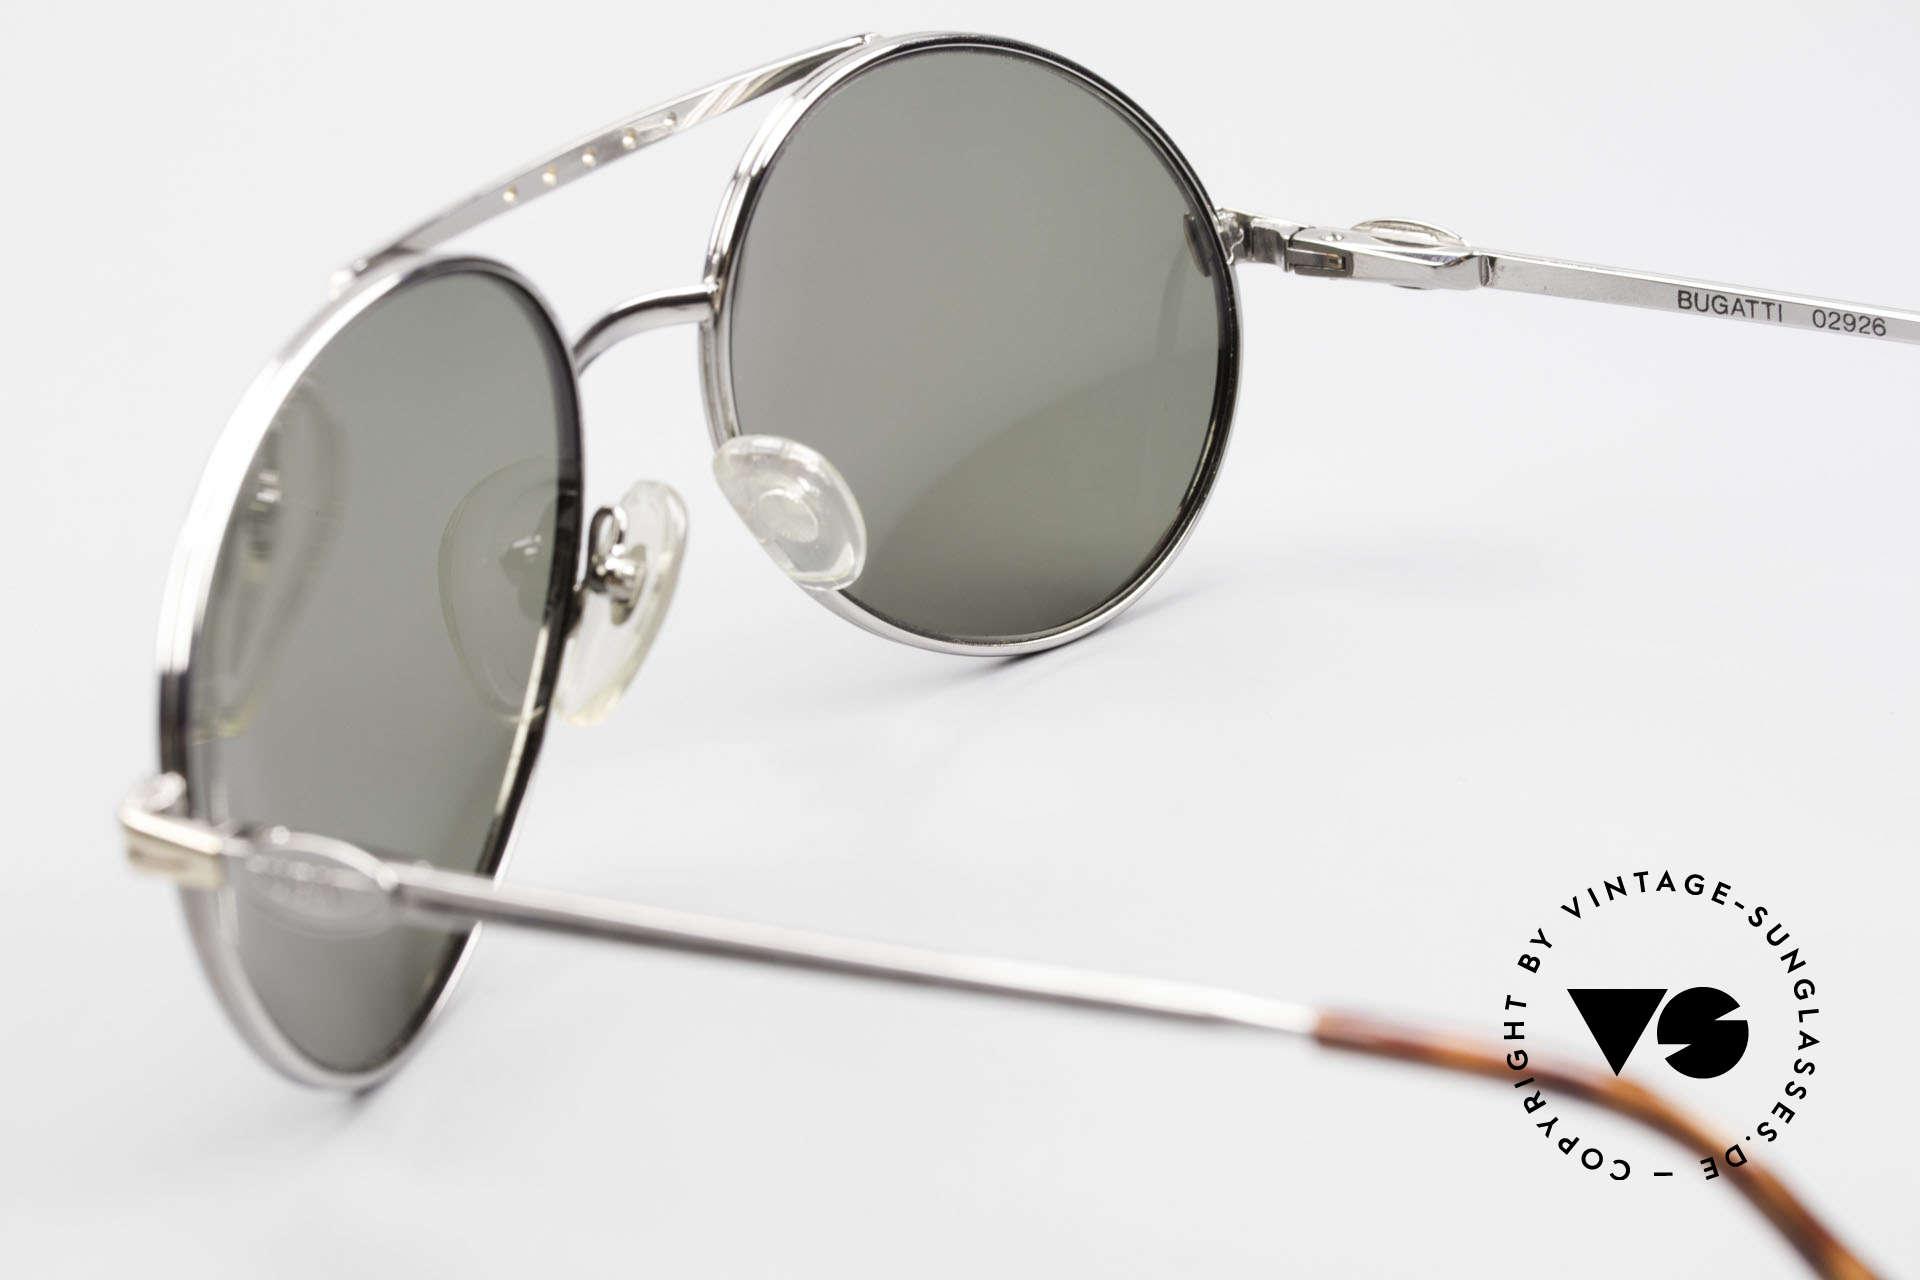 Bugatti 02926 80er Large Sonnenbrille Herren, KEINE Retromode, sondern ein kostbares altes Original, Passend für Herren